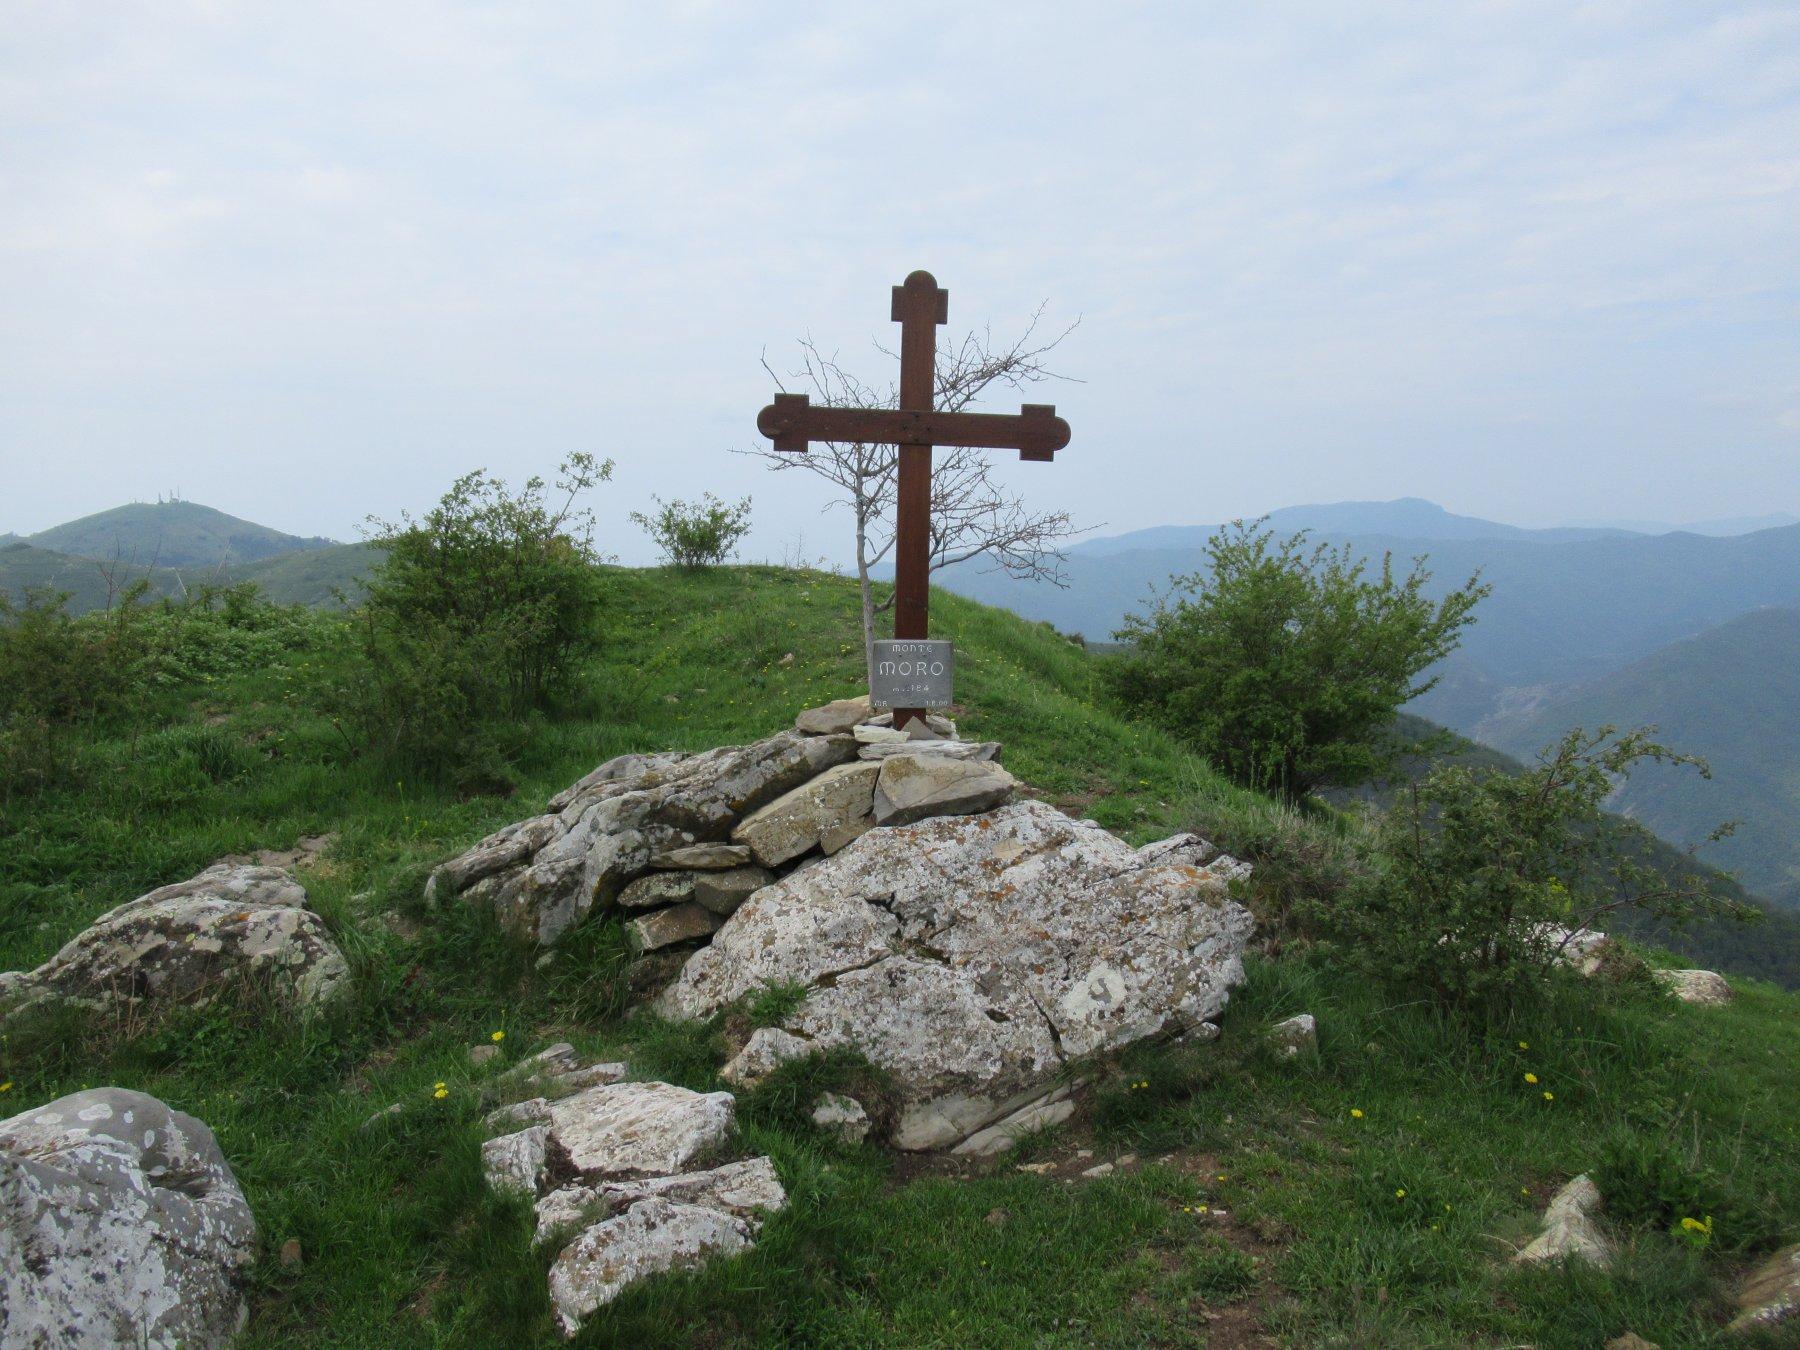 Monte Moro (m.1181).